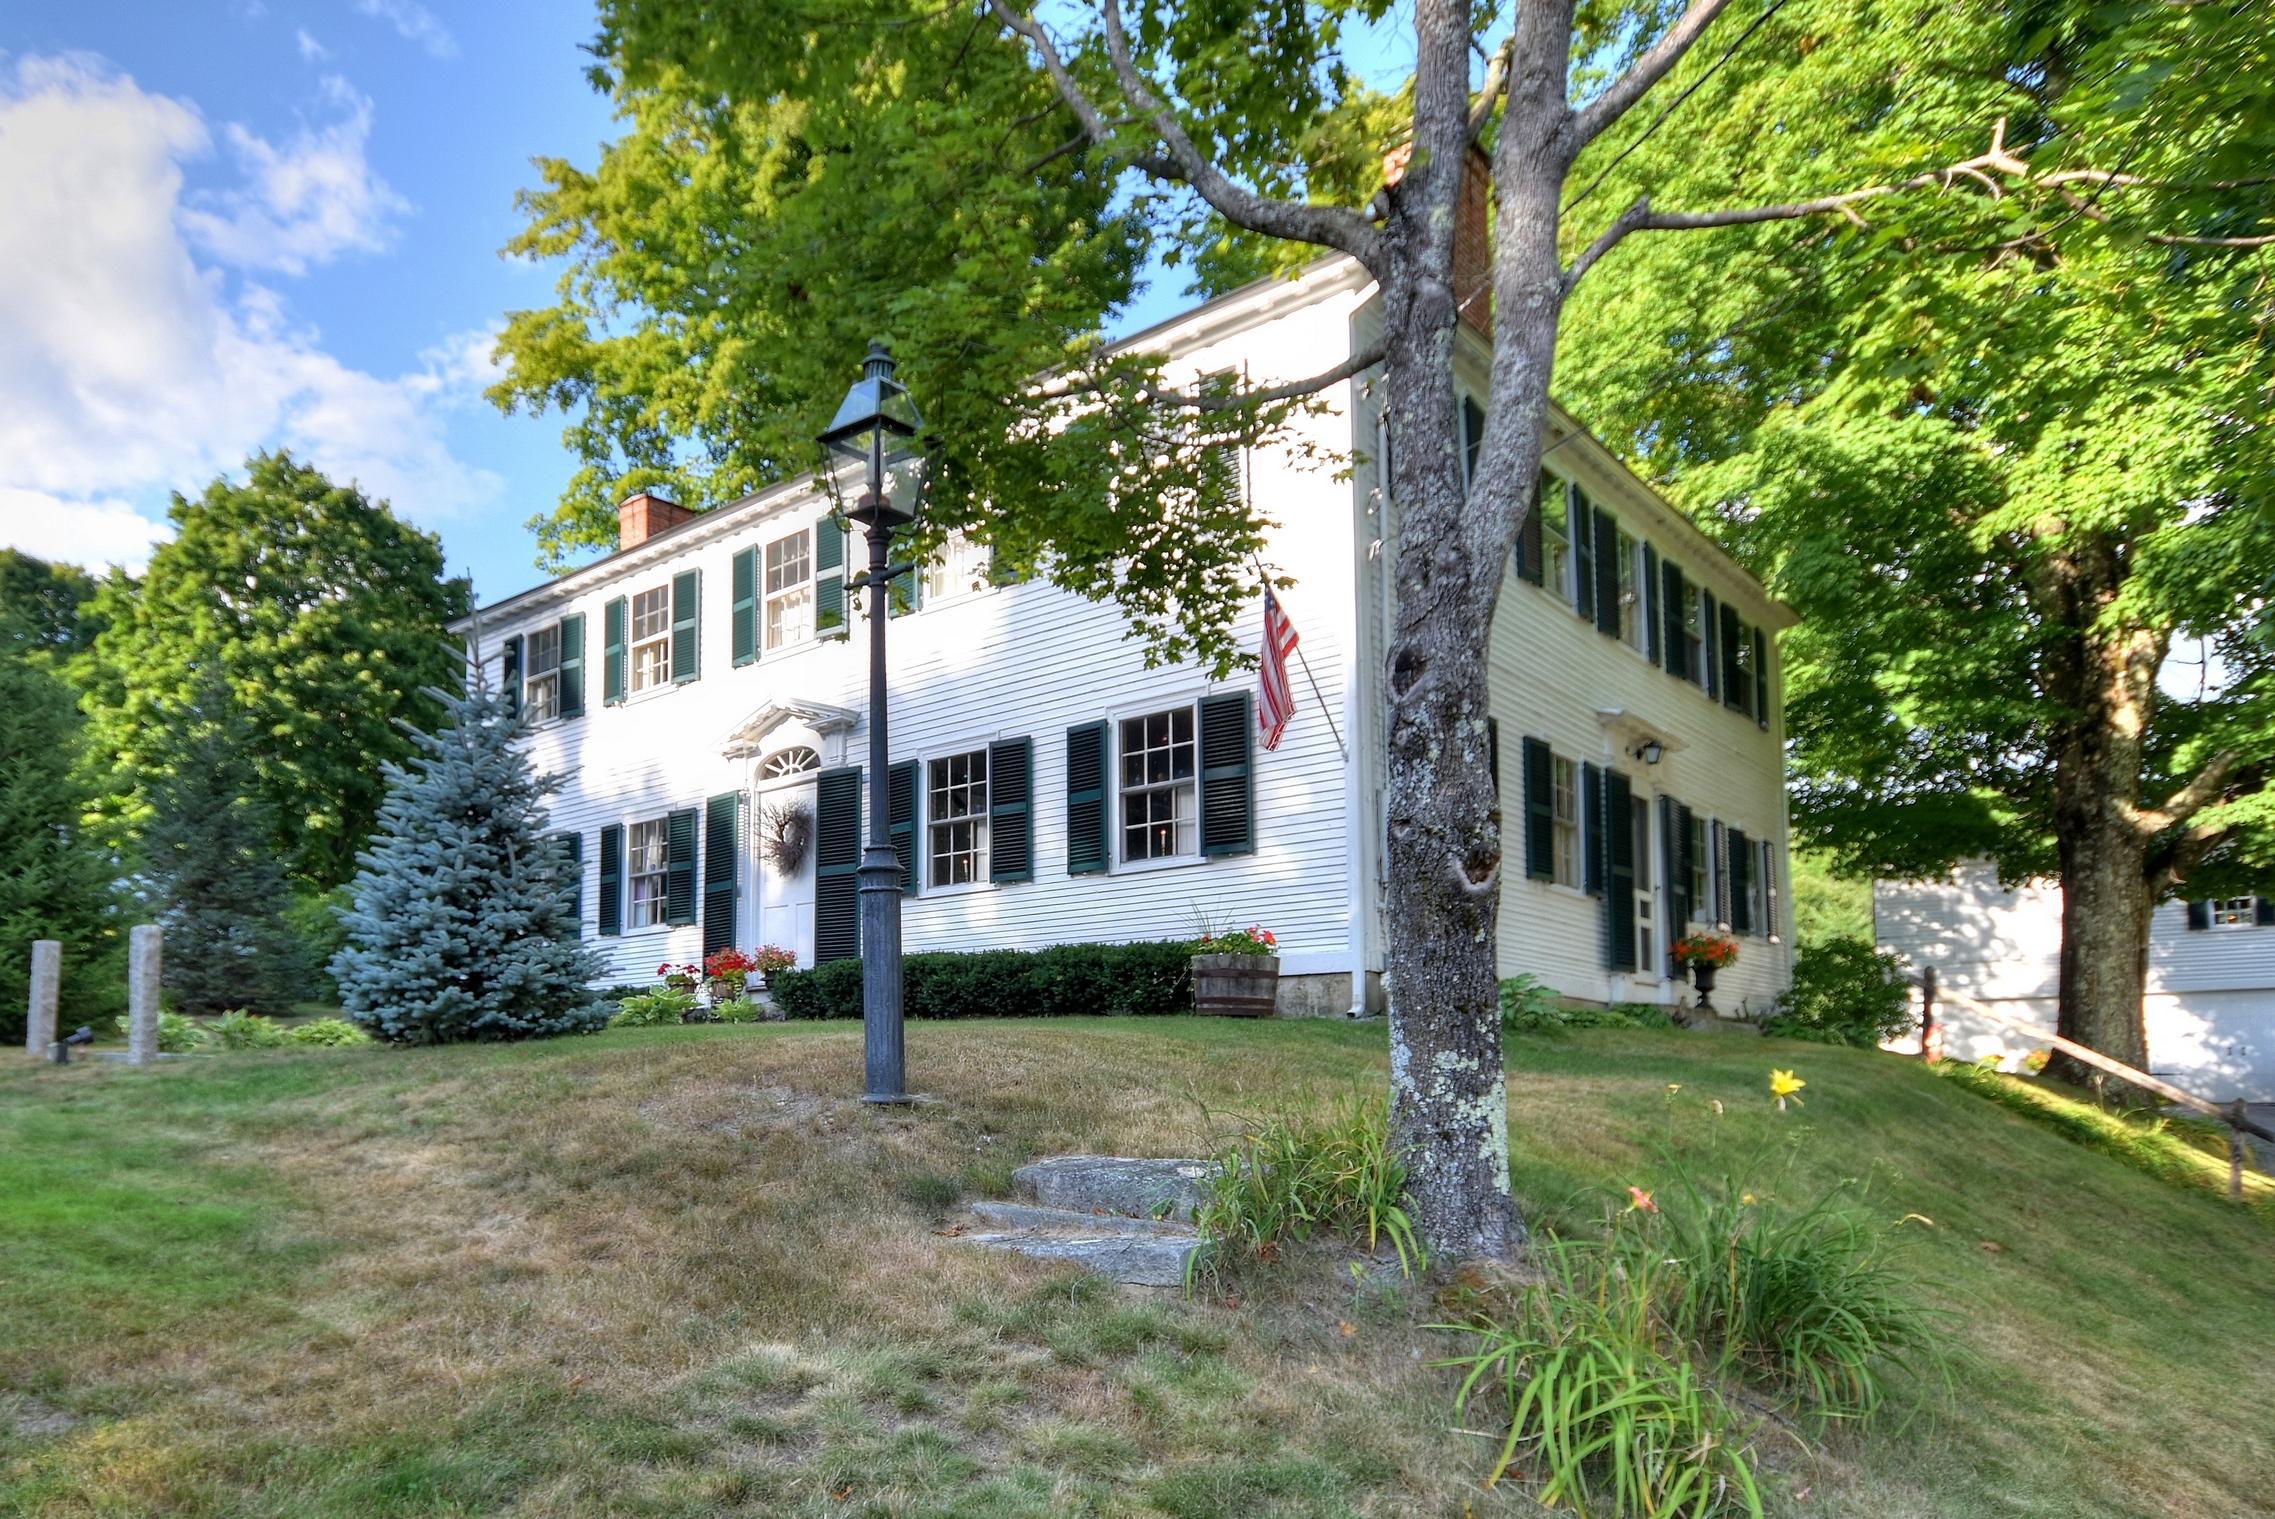 Einfamilienhaus für Verkauf beim 493 Province Road, Gilmanton 493 Province Rd Gilmanton, New Hampshire, 03237 Vereinigte Staaten